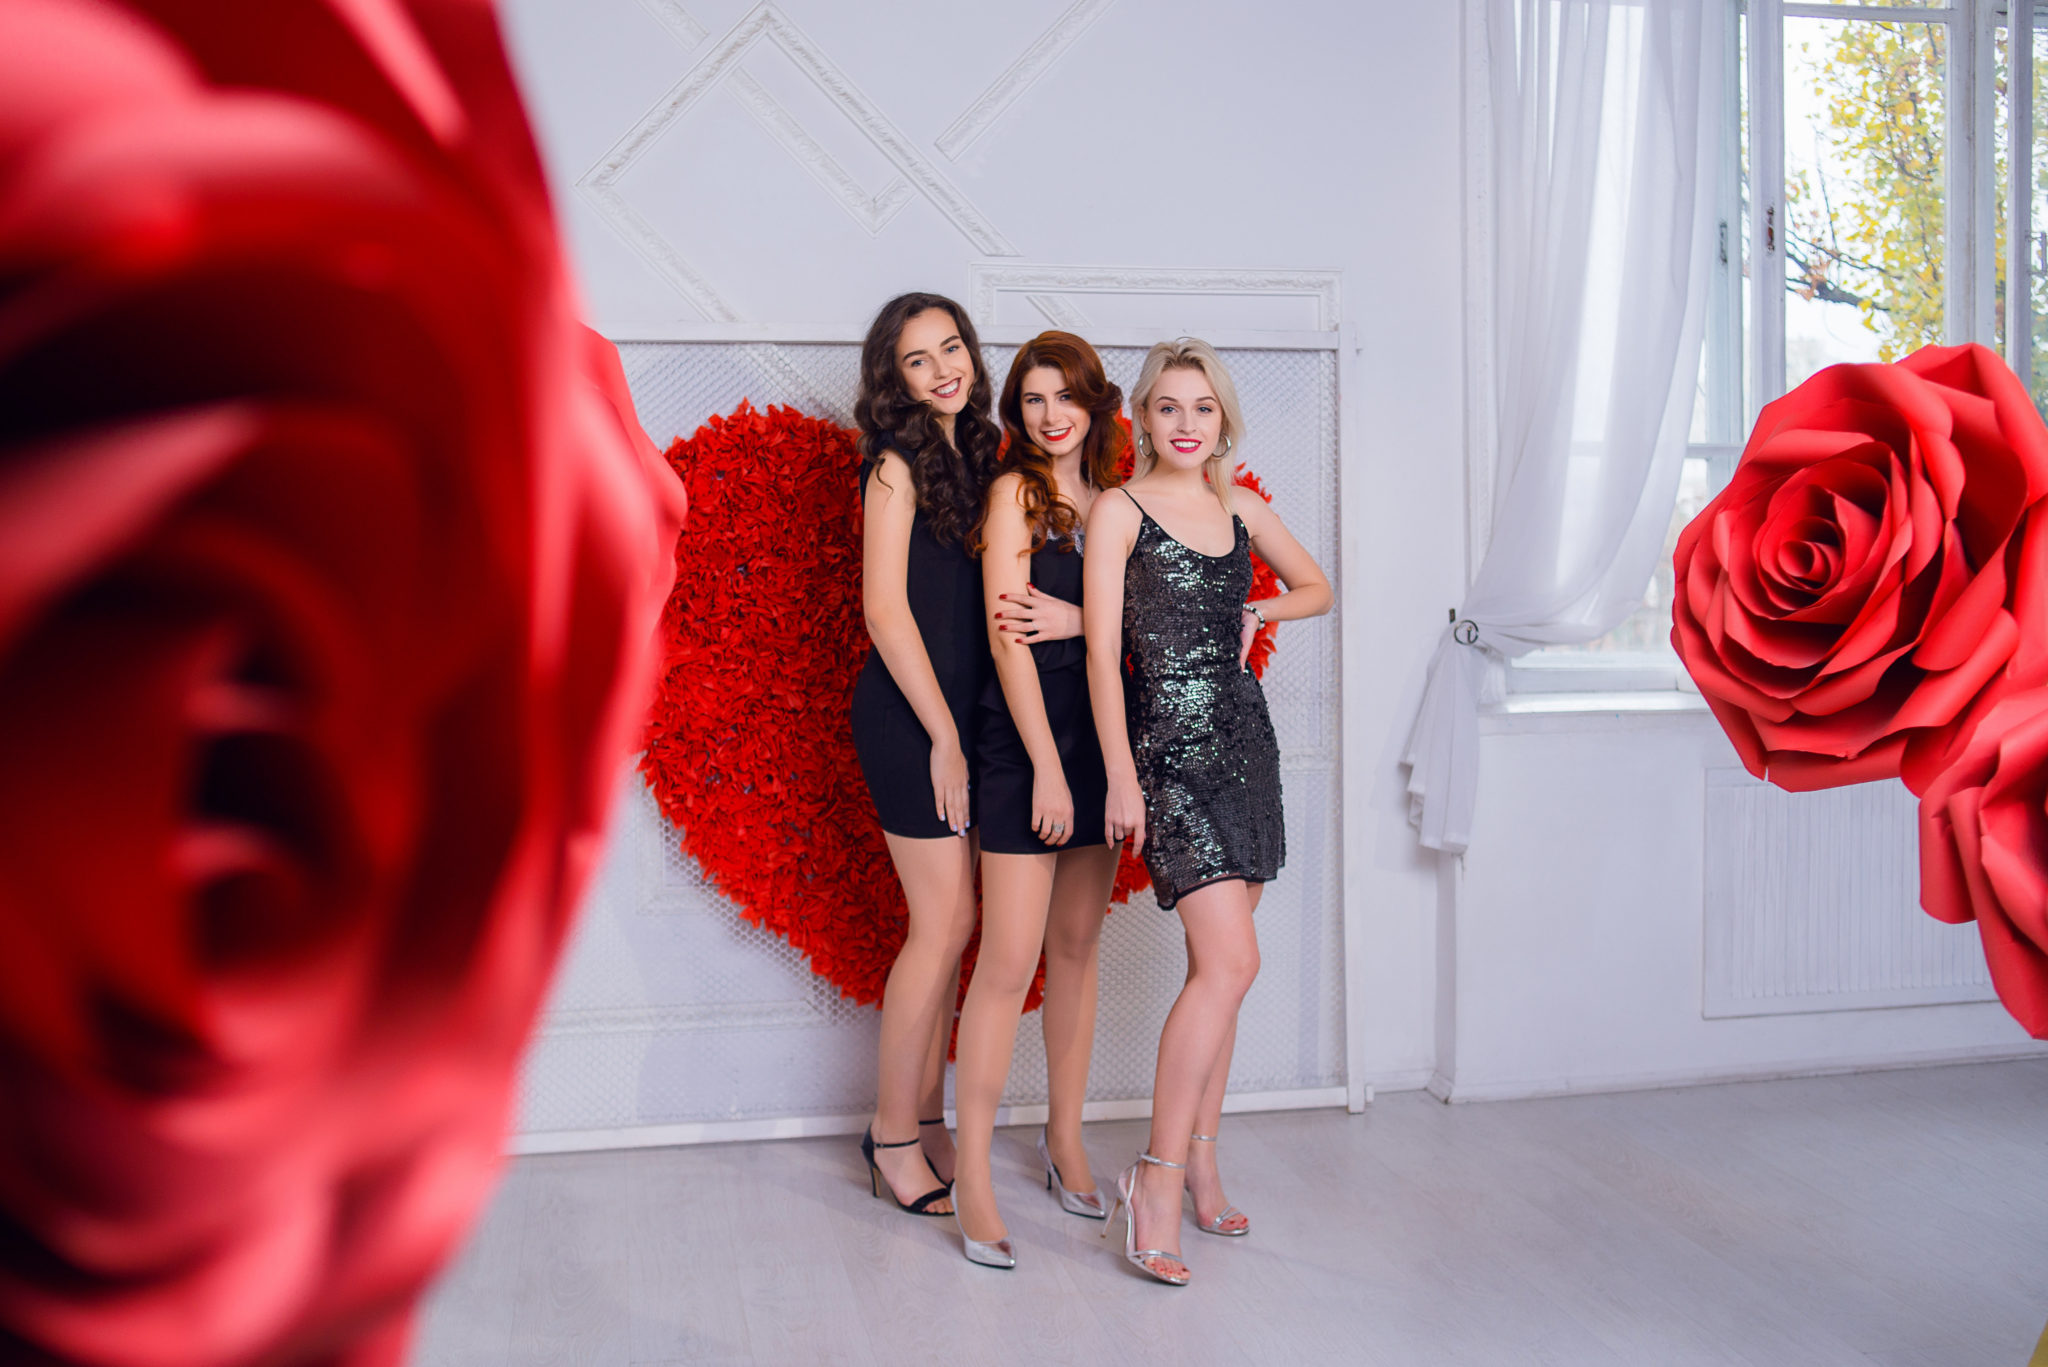 Девичник в студии, 3 девушки в платьях на фоне бумажного сердца и цветов